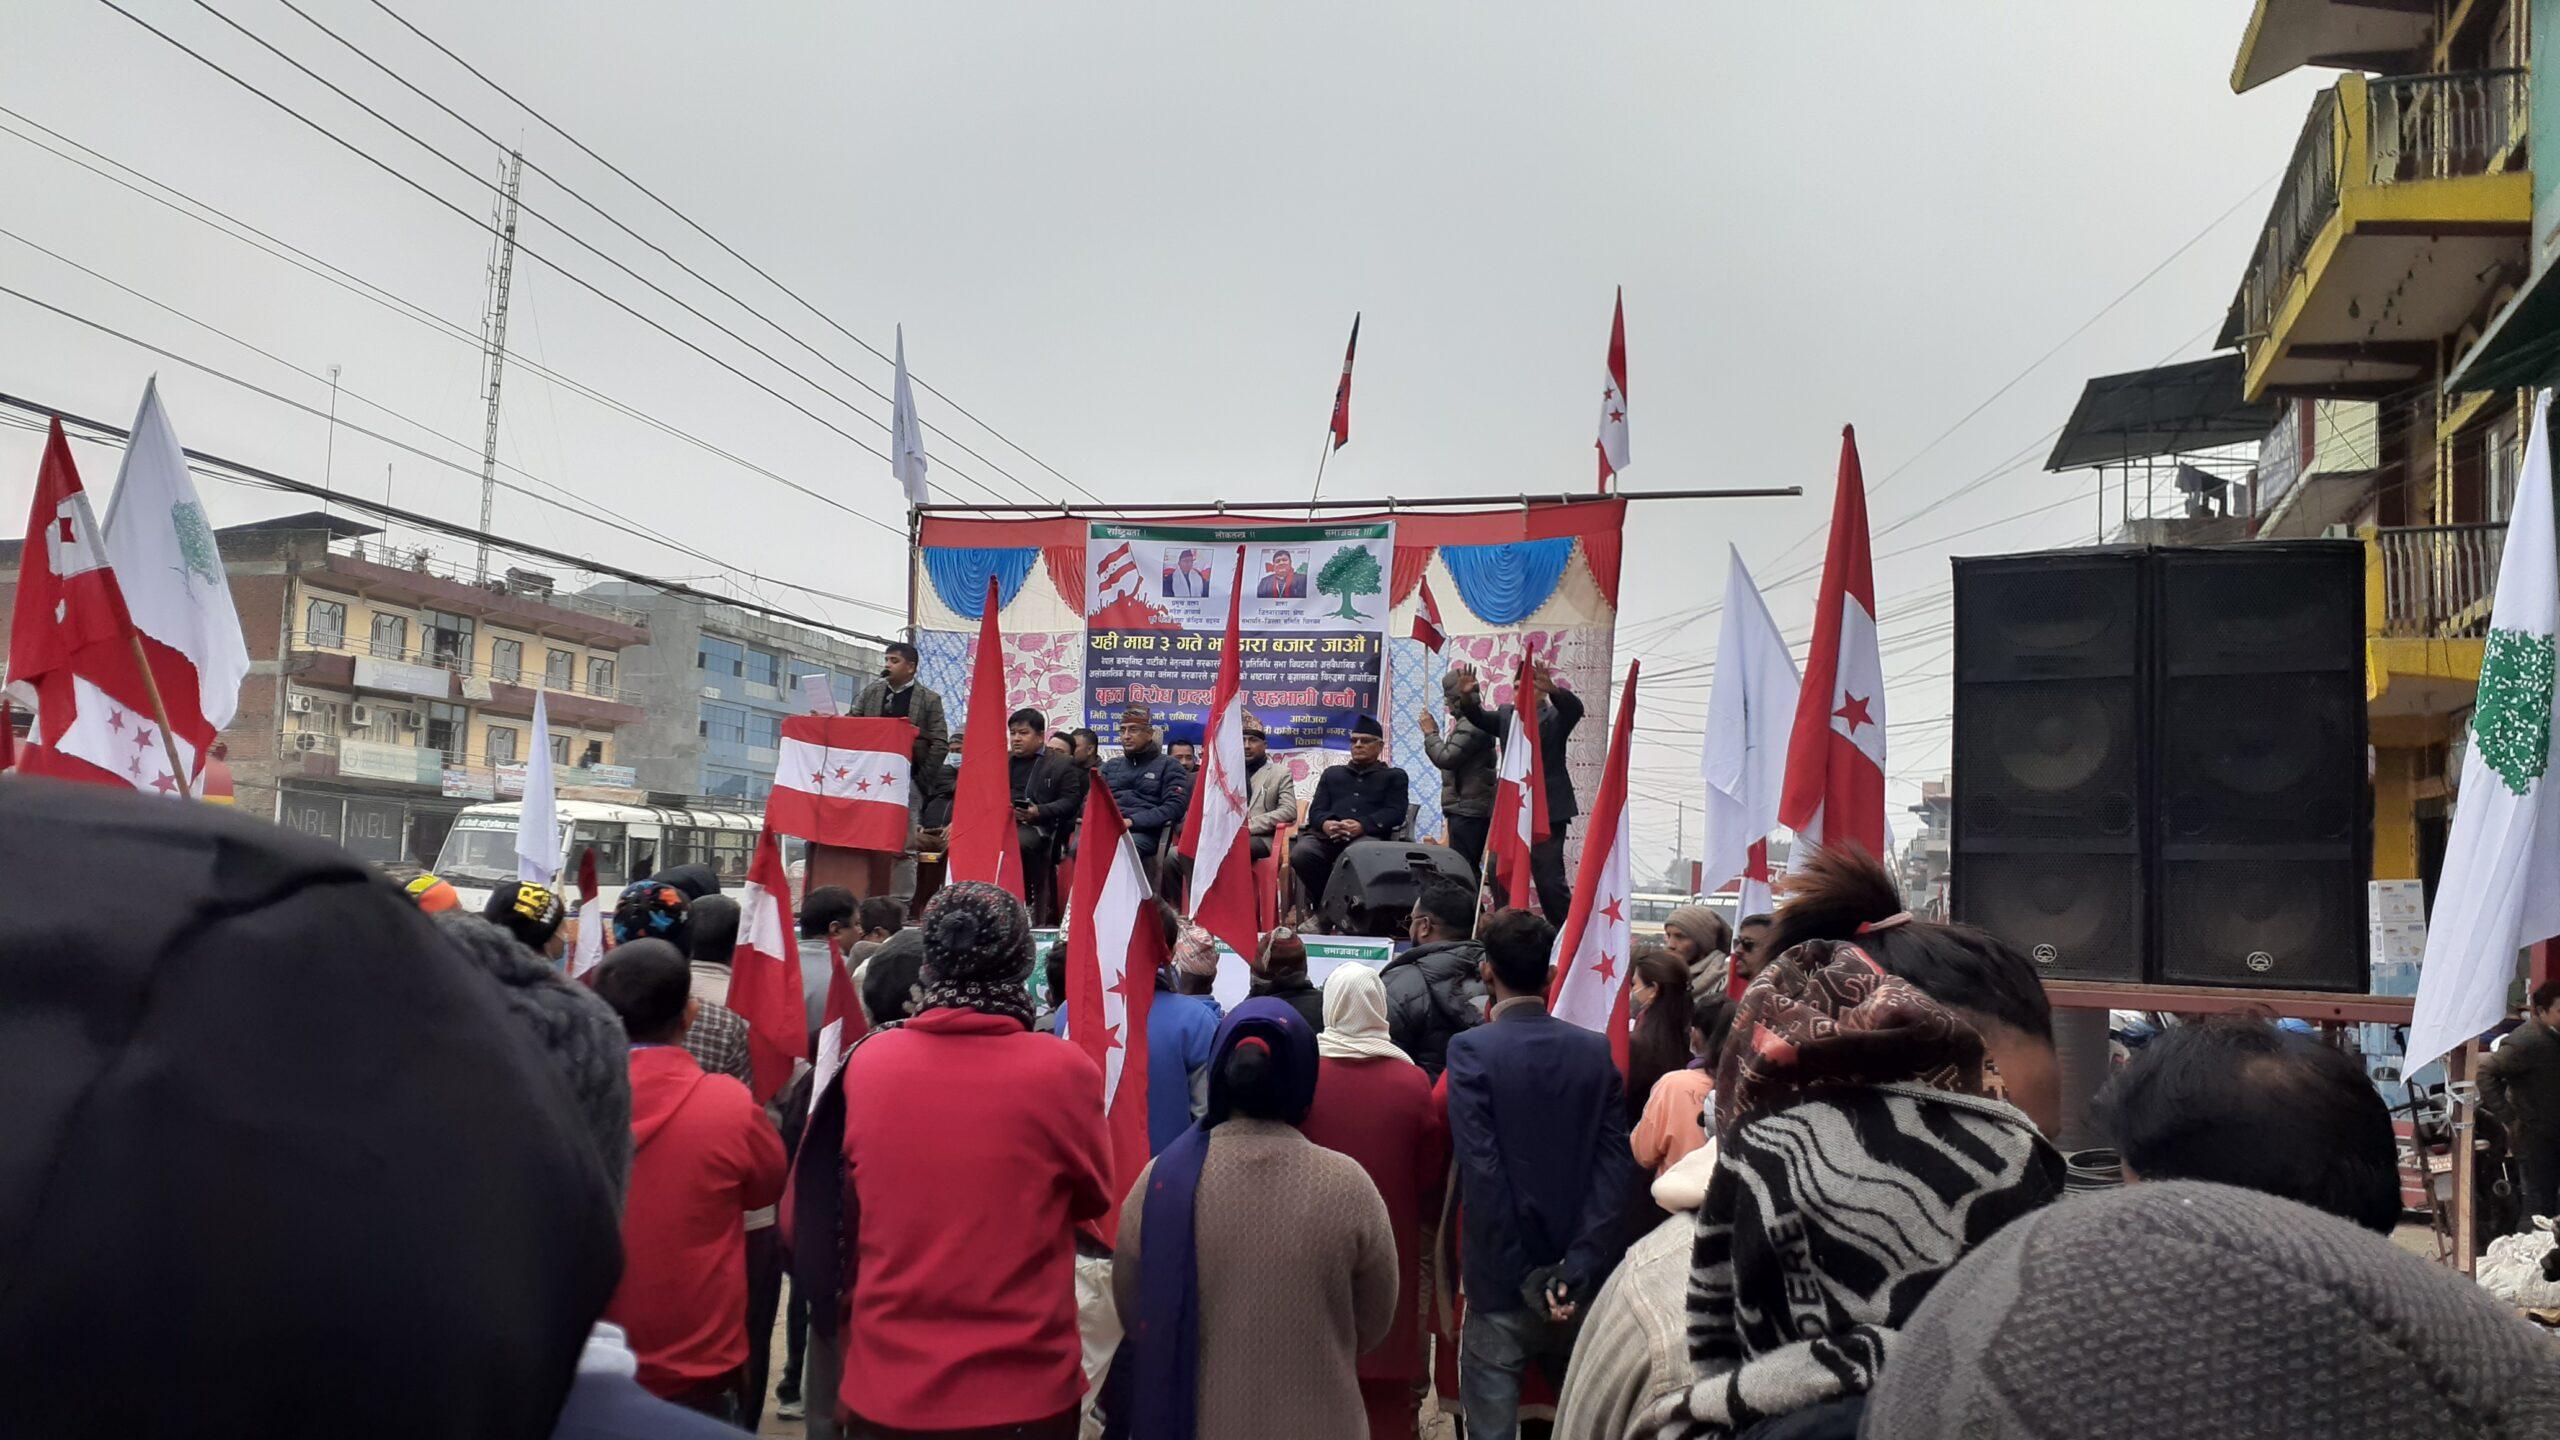 चितवनको राप्ती नगरपालिकामा नेपाली कांग्रेसको बृहत विरोध प्रदर्शन-Sajilopati.com